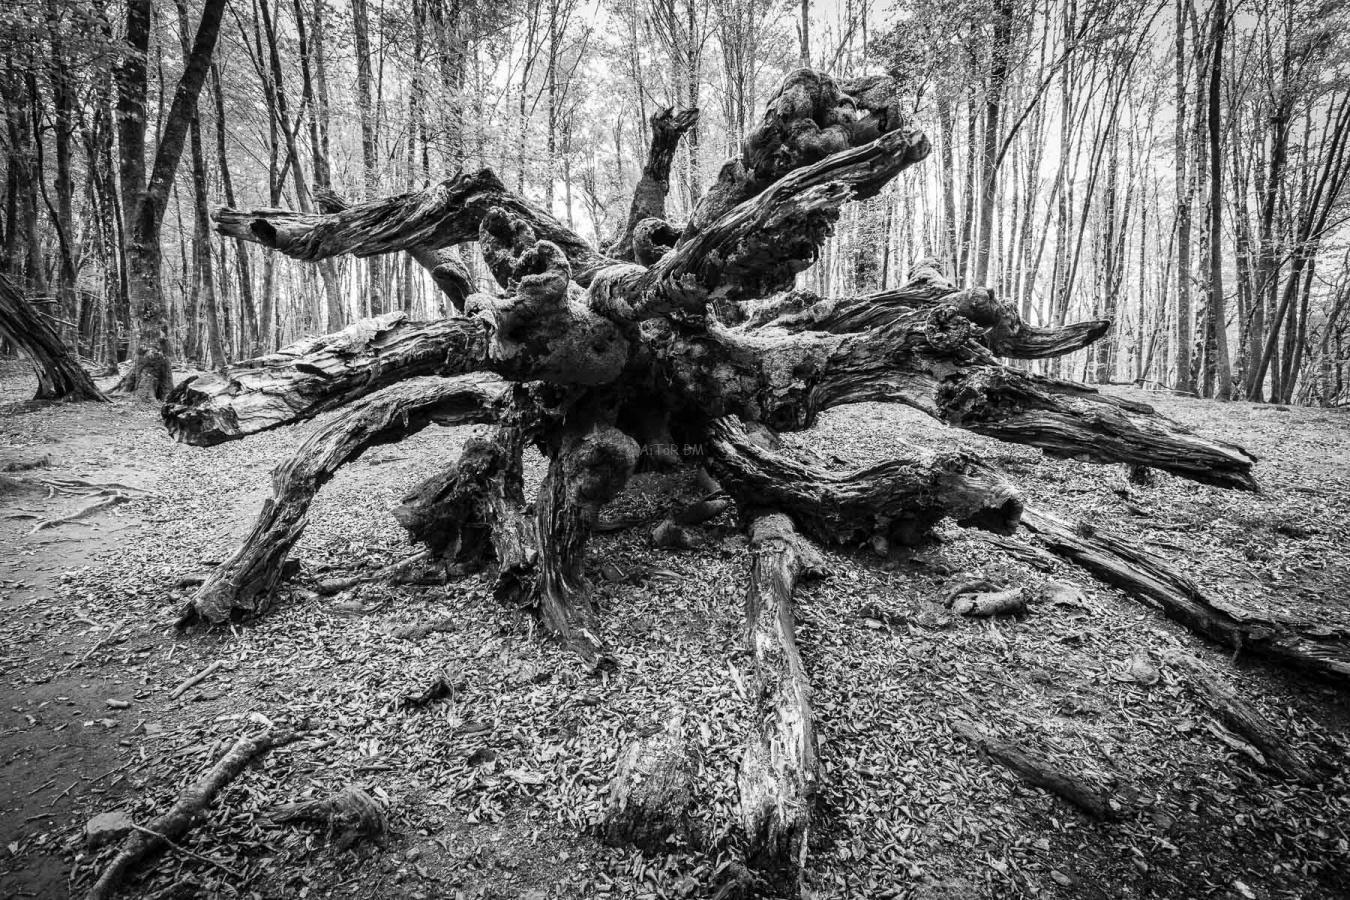 Entes - AiToR Badiola, Fotógrafo de Naturaleza